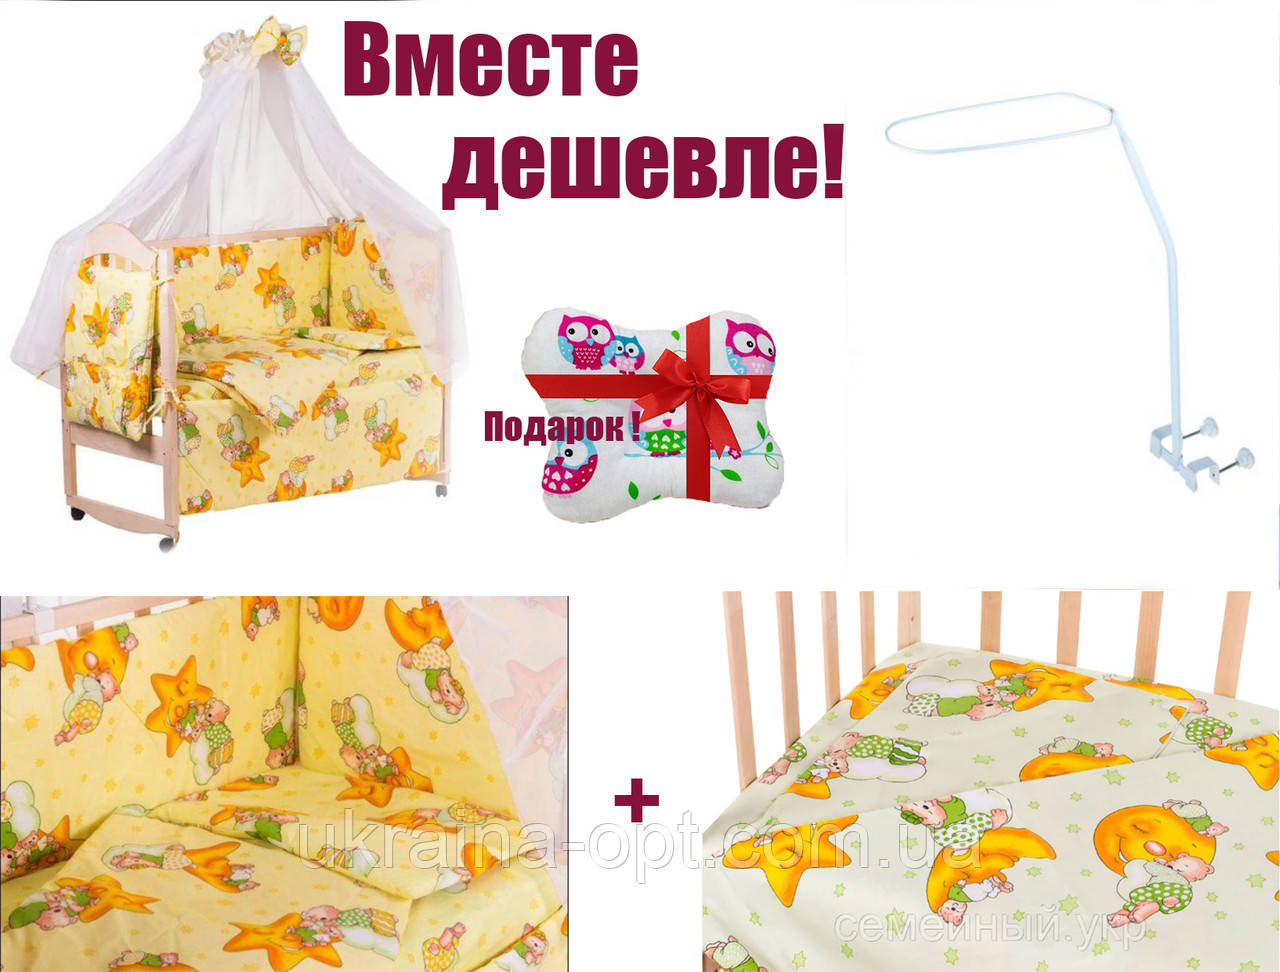 Набор в кроватку 9в1 с подпорой для балдахина и постельным  бельем Голд Украина. Хлопок. 1279